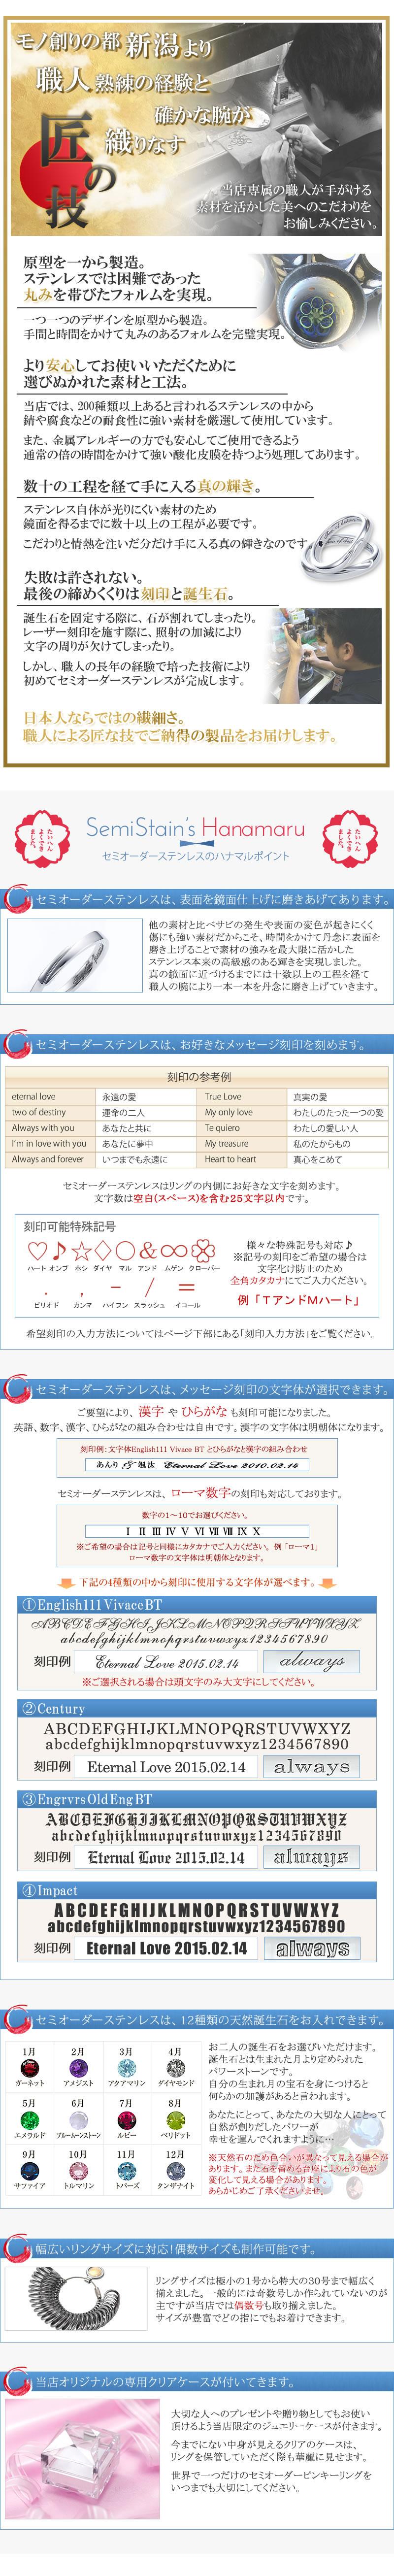 鏡面仕上げ 文字体選択 誕生石選択 1号〜30号まで対応 オリジナルケース